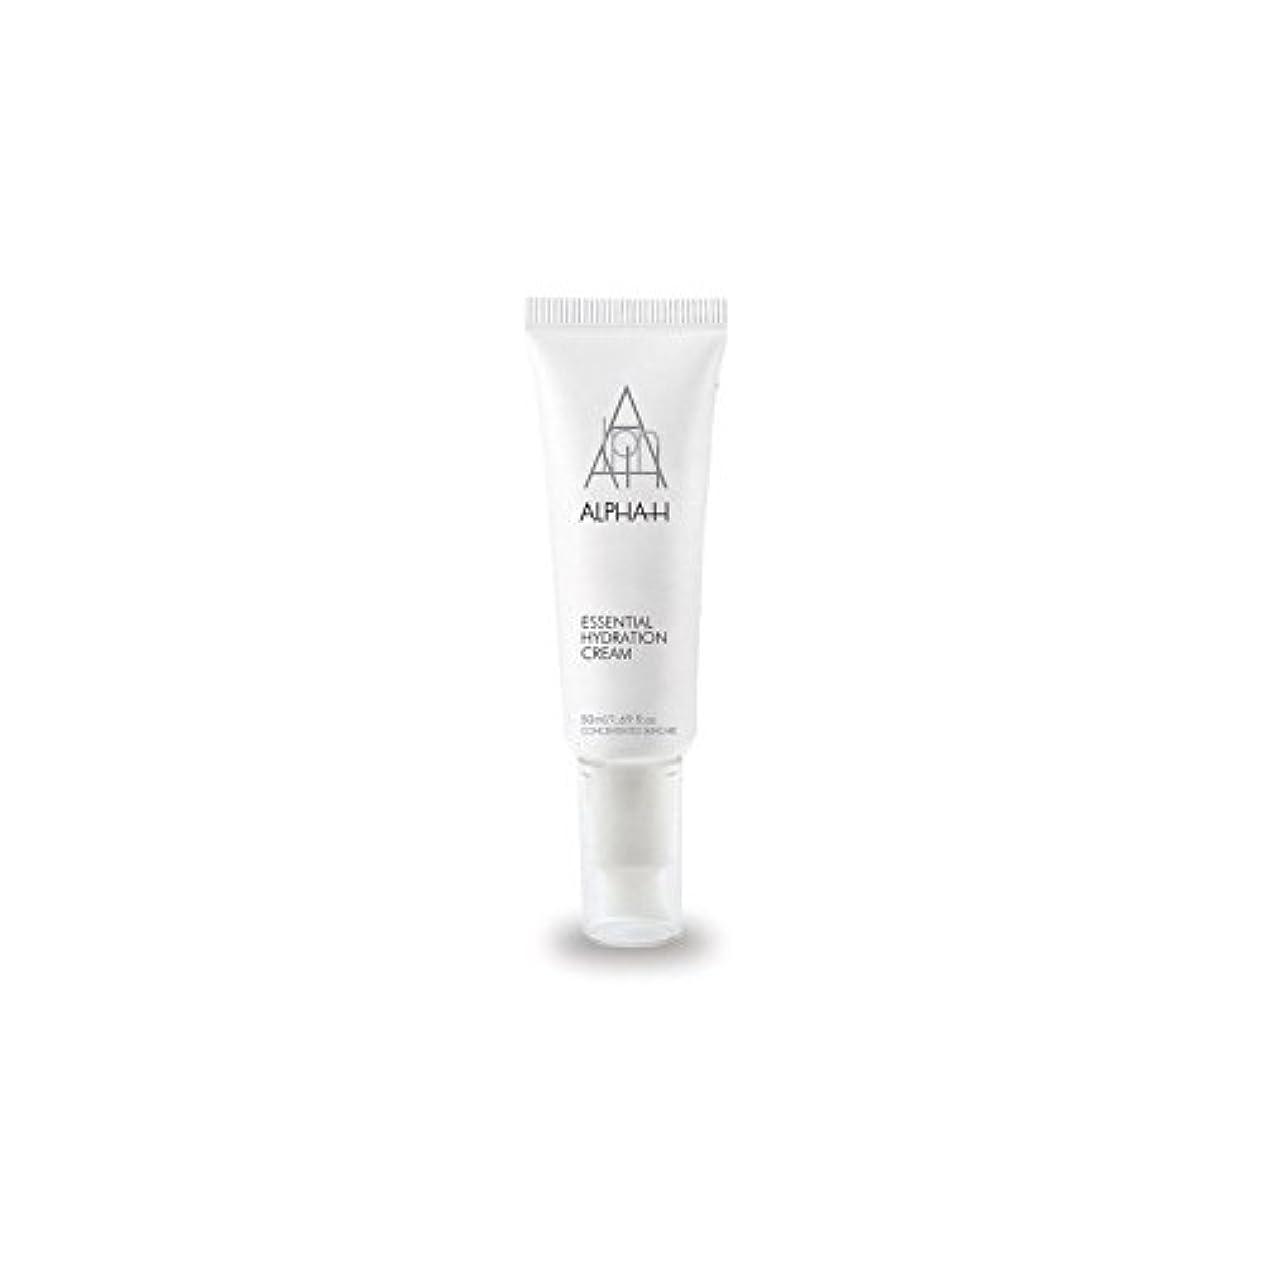 Alpha-H Essential Hydration Cream (50ml) - アルファ必須水和クリーム(50)中 [並行輸入品]